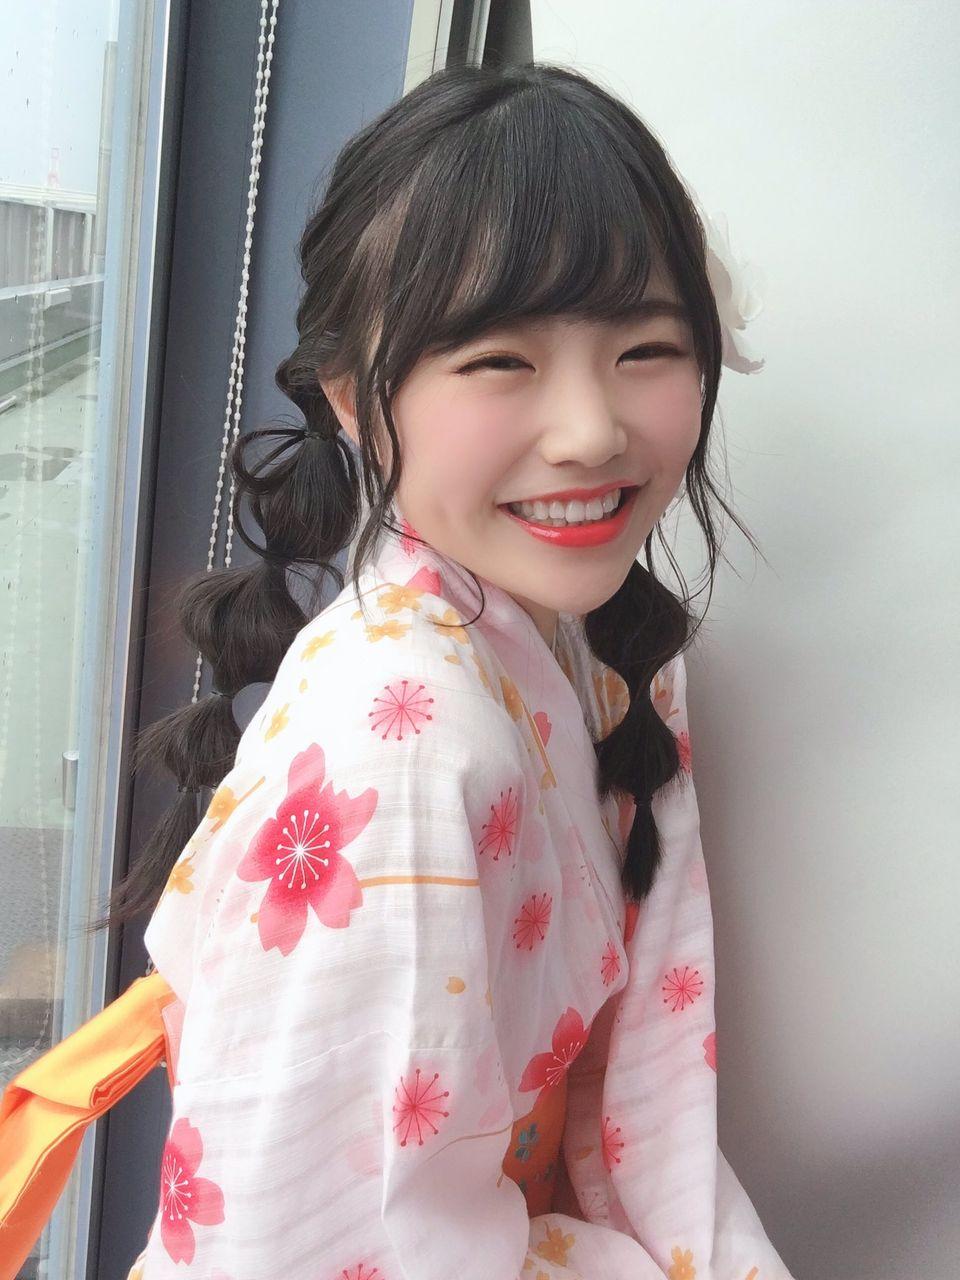 【速報】NMB48 6期生のTwitter解禁キタ━━━━(゚∀゚)━━━━!!